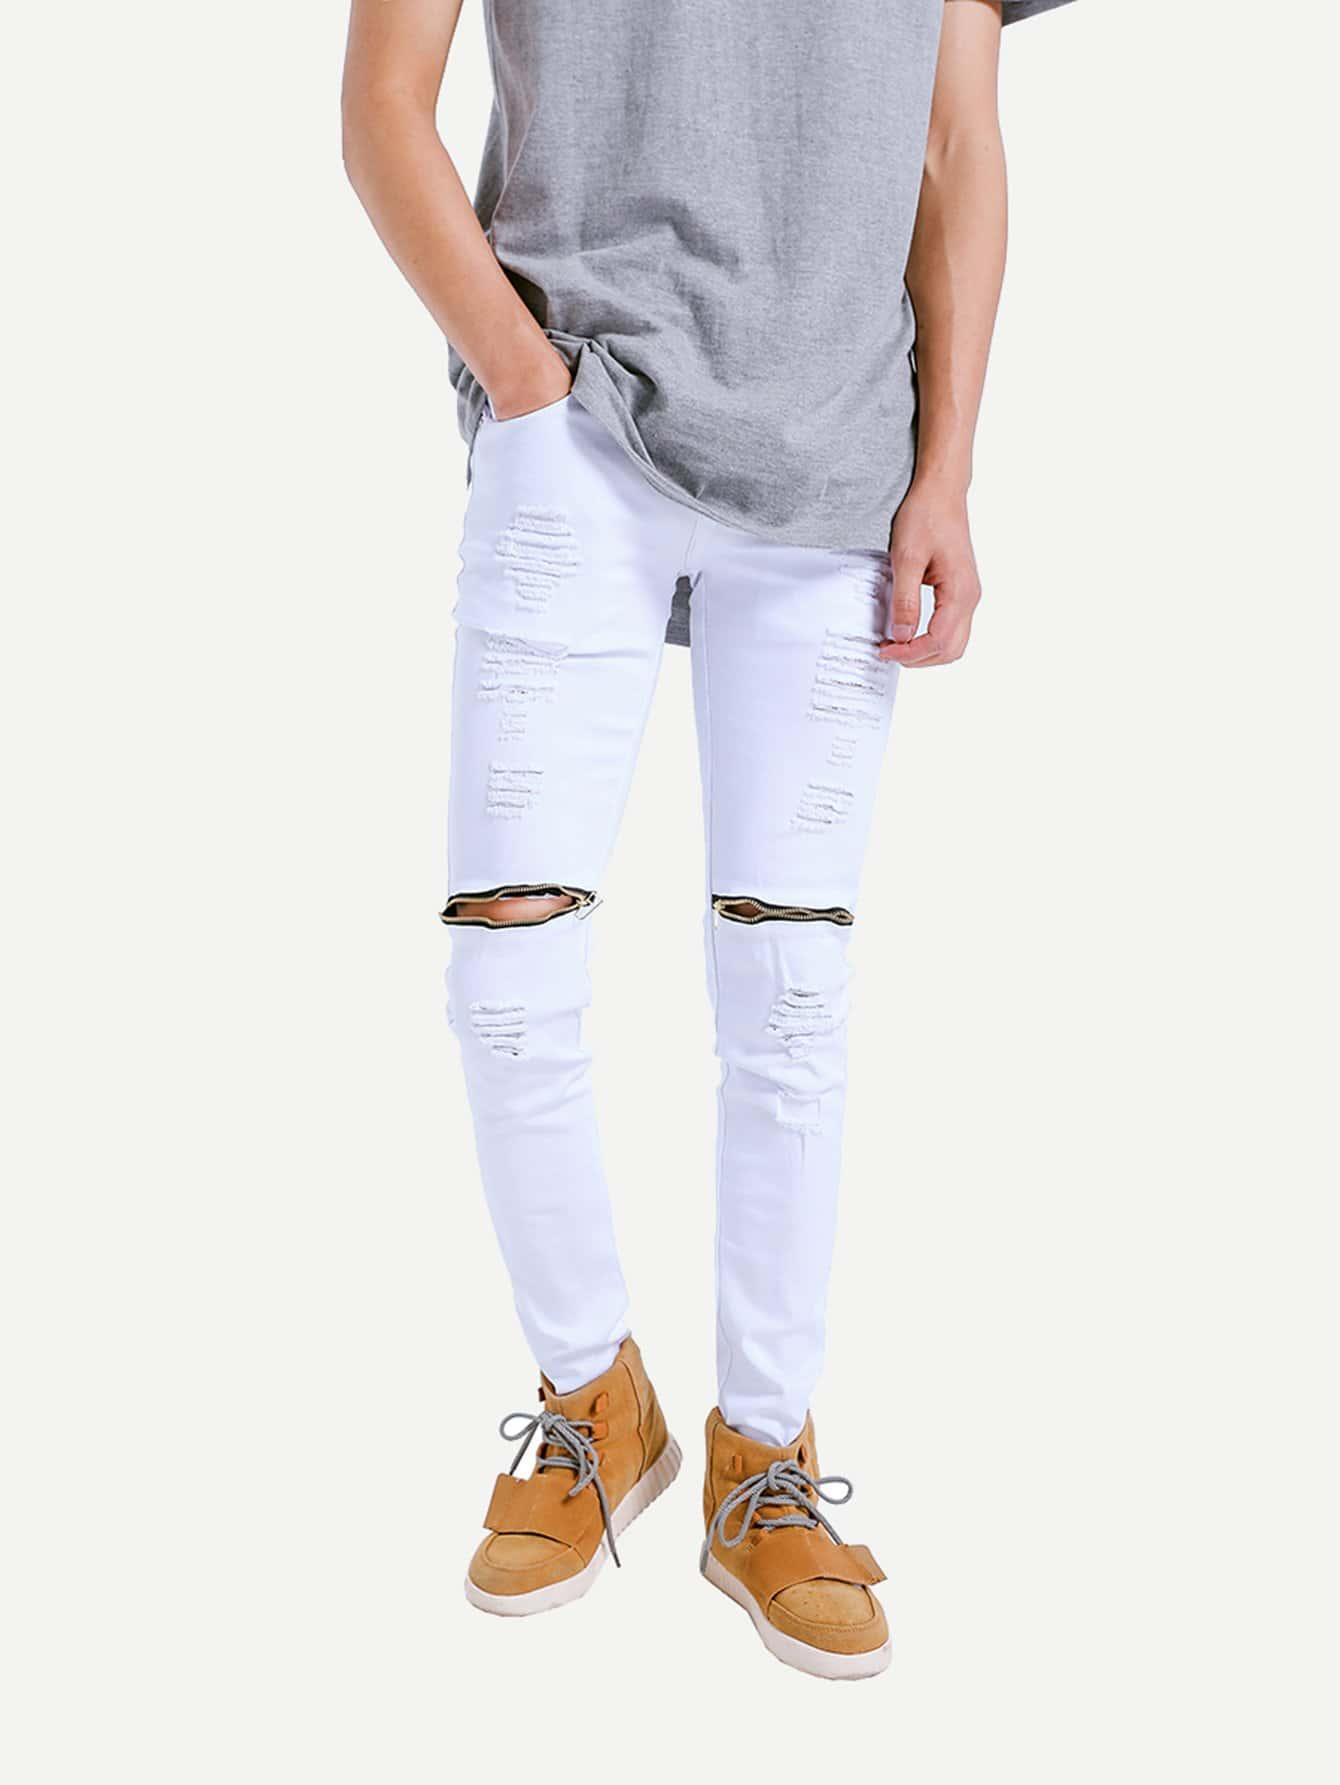 m nner zerrissene jeans mit rei verschluss german shein sheinside. Black Bedroom Furniture Sets. Home Design Ideas